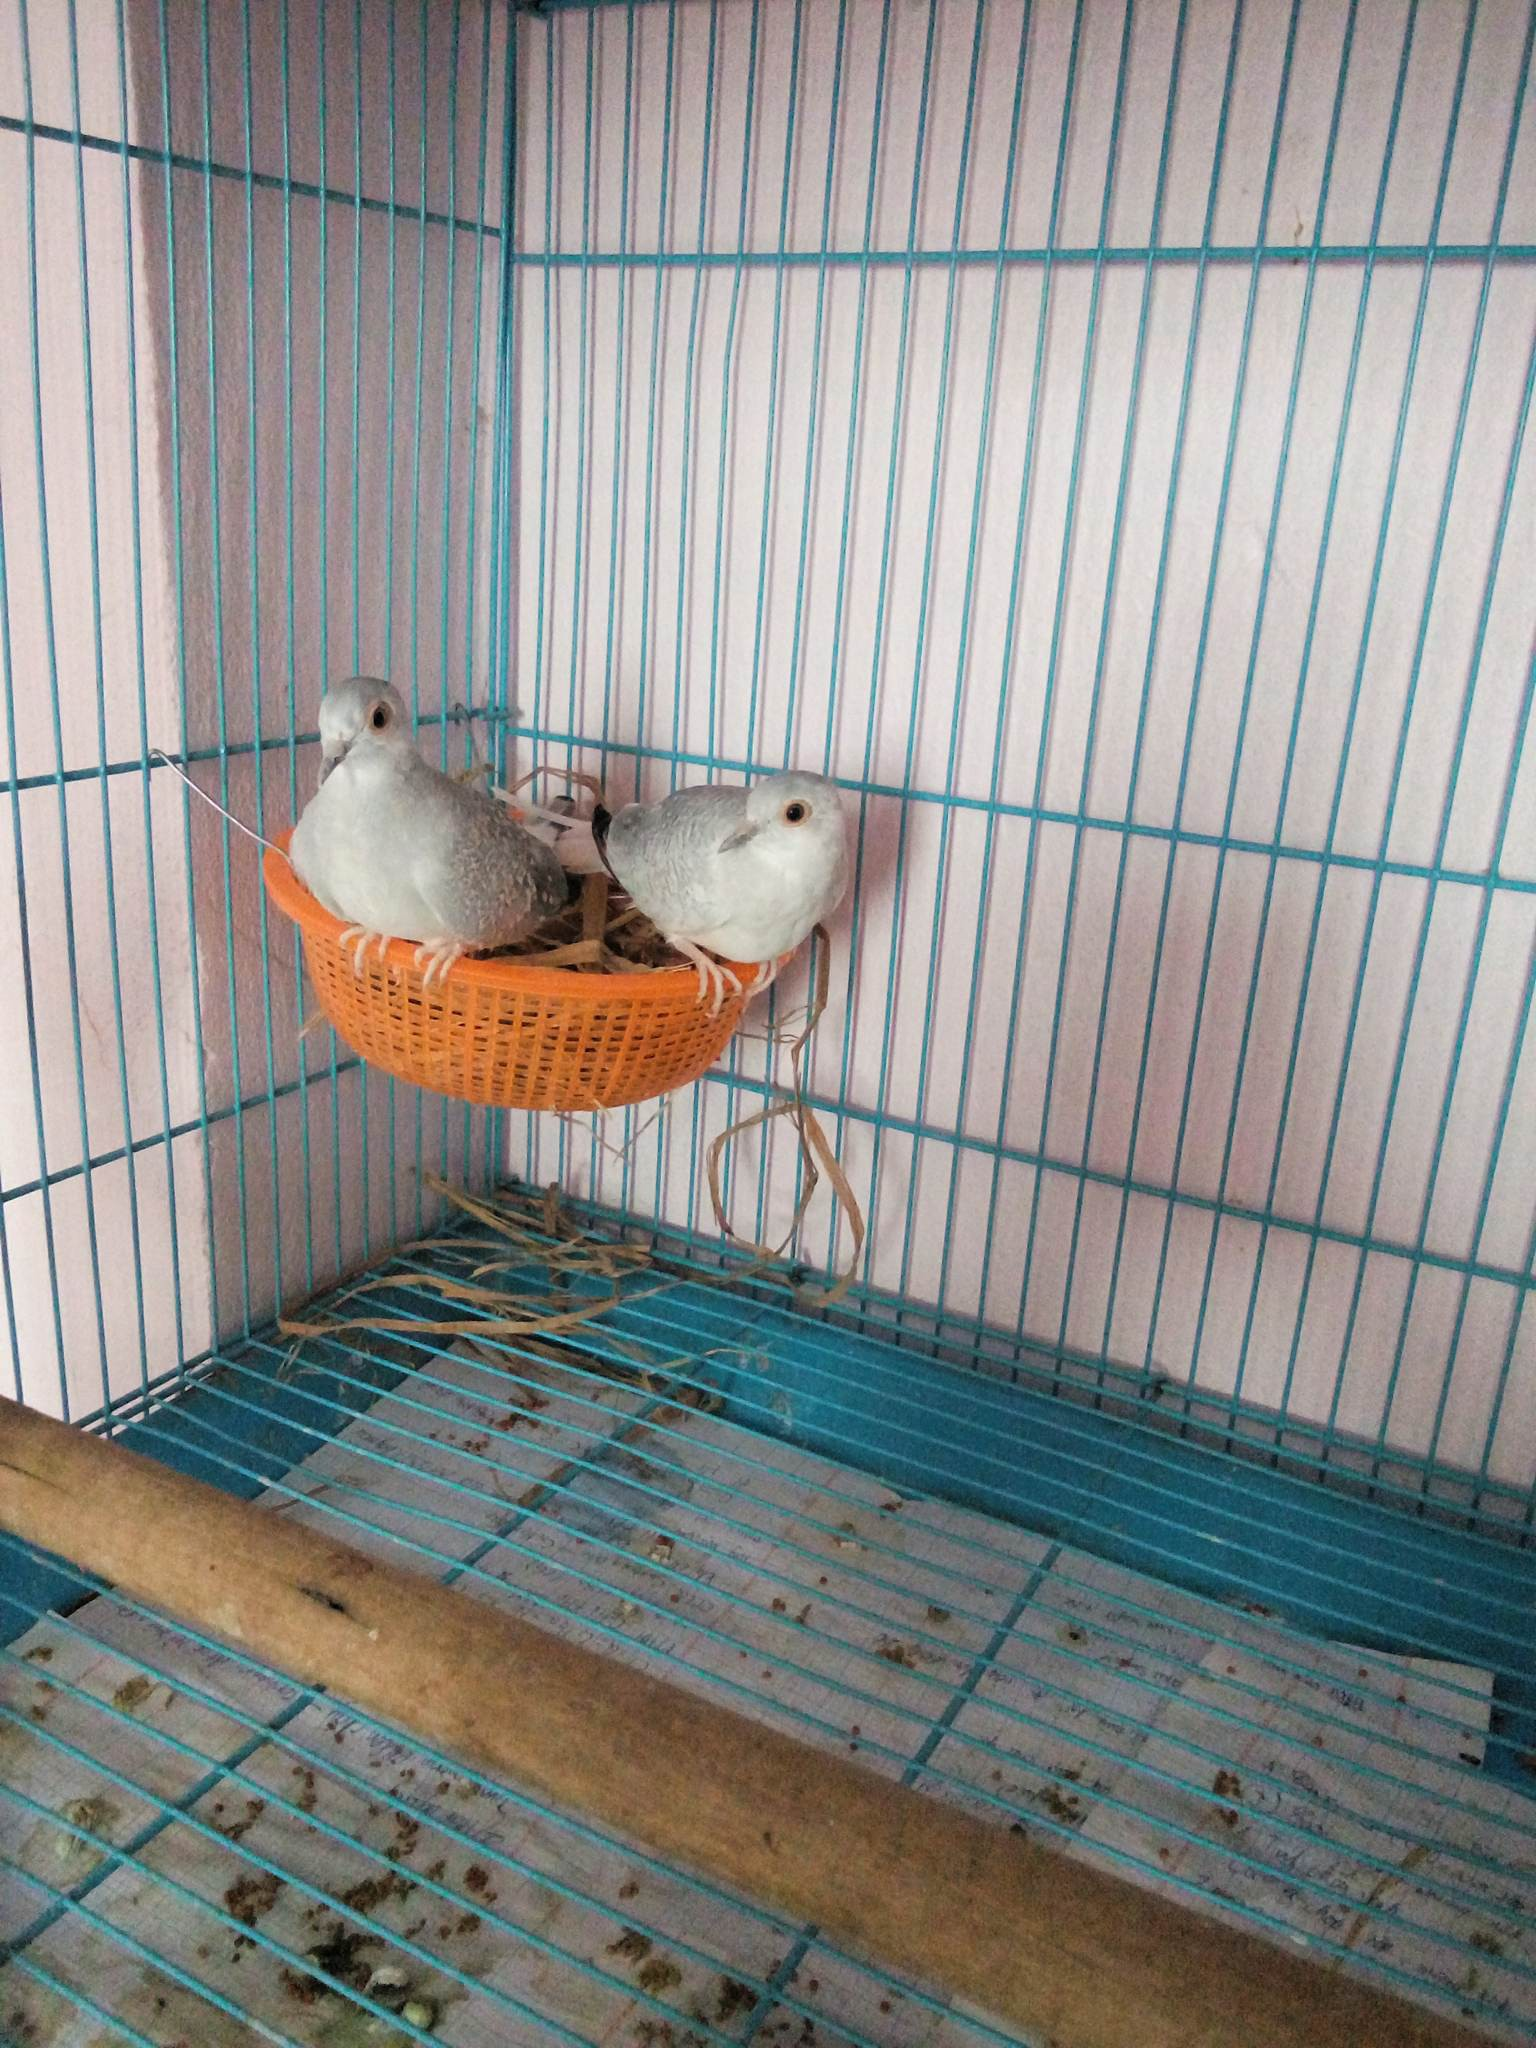 Gặp gỡ thanh niên học cấp 3 mà có nguyên sở thú trong nhà: 2 chân, 4 chân, biết bay biết trườn đủ cả - Ảnh 6.